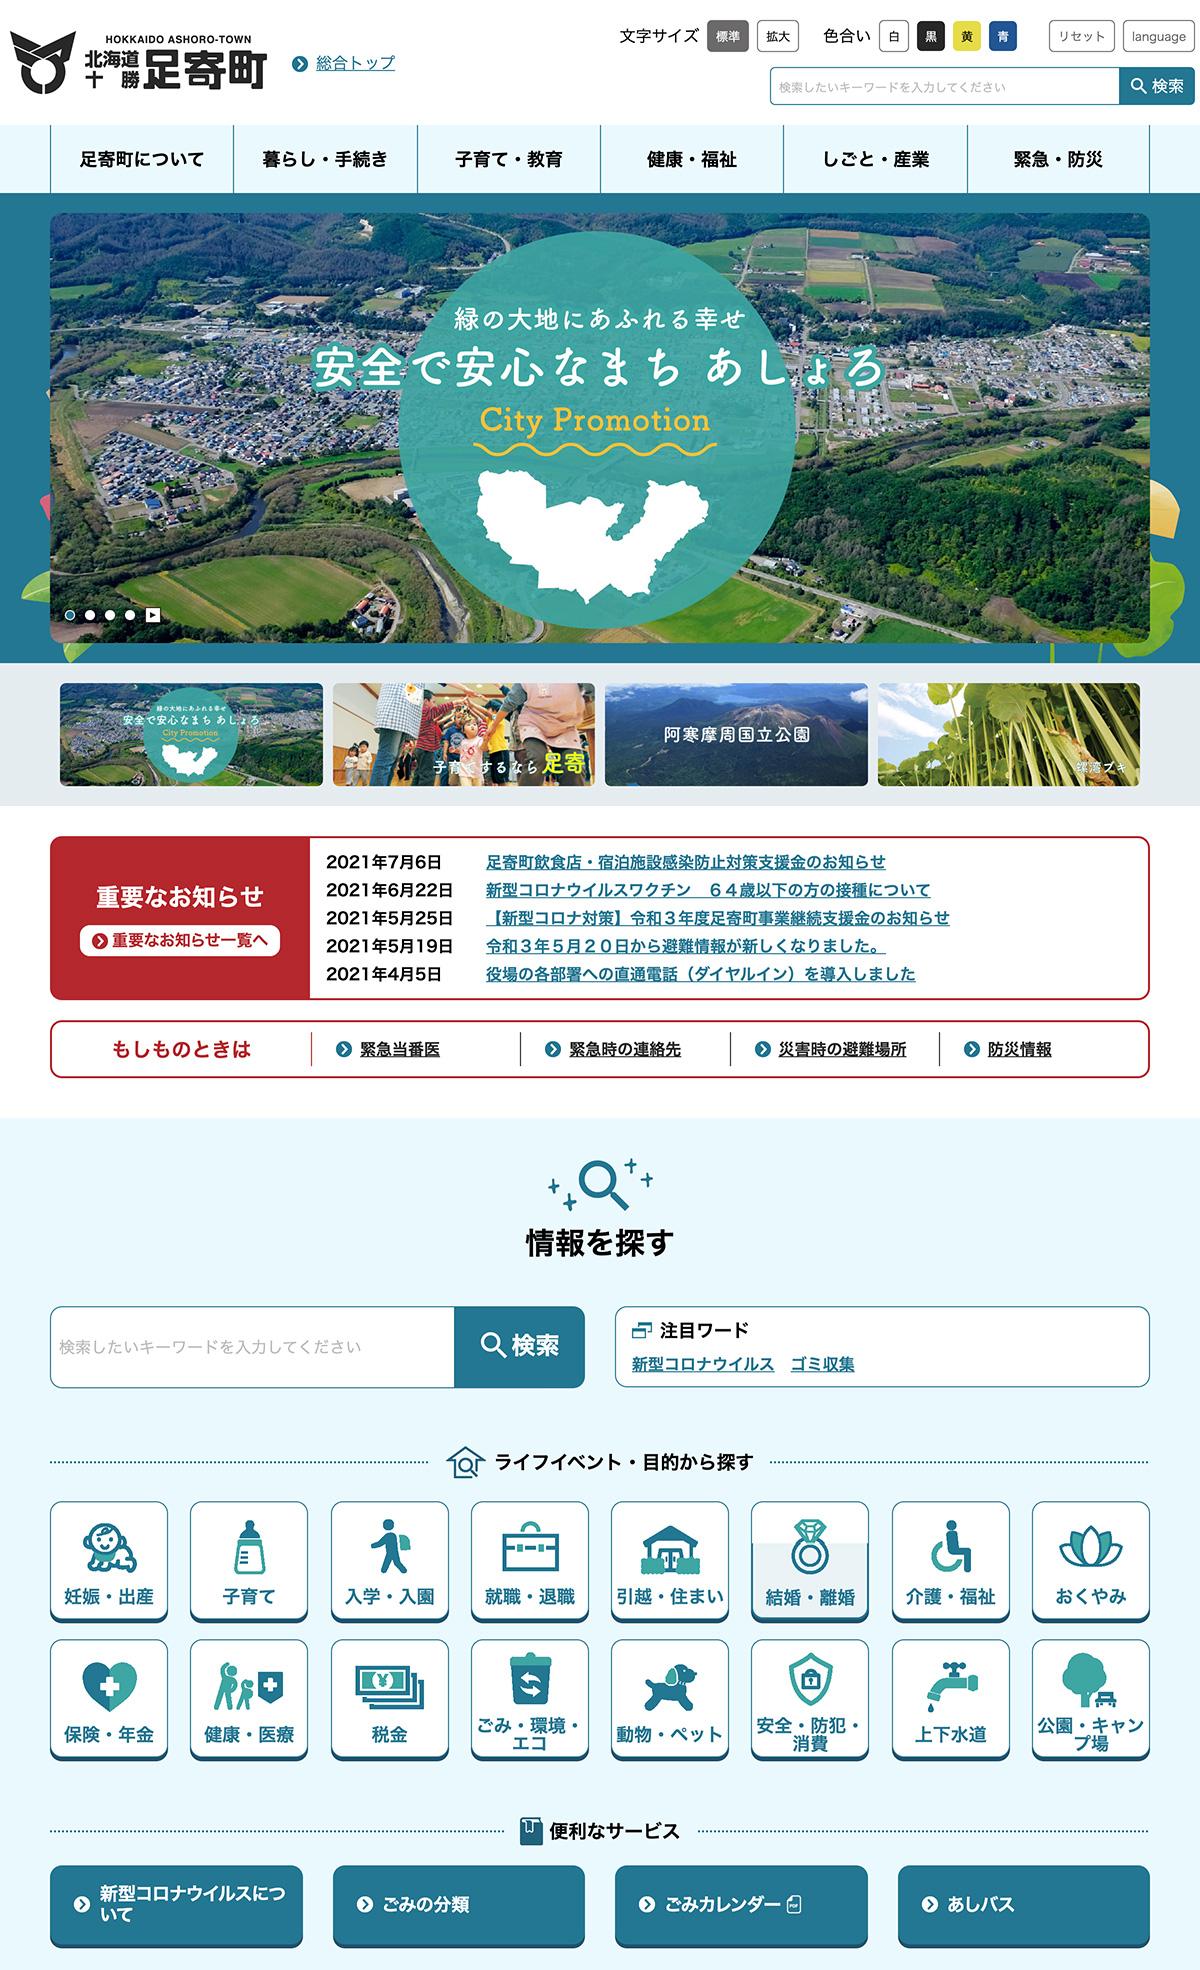 くらし・行政のトップページ